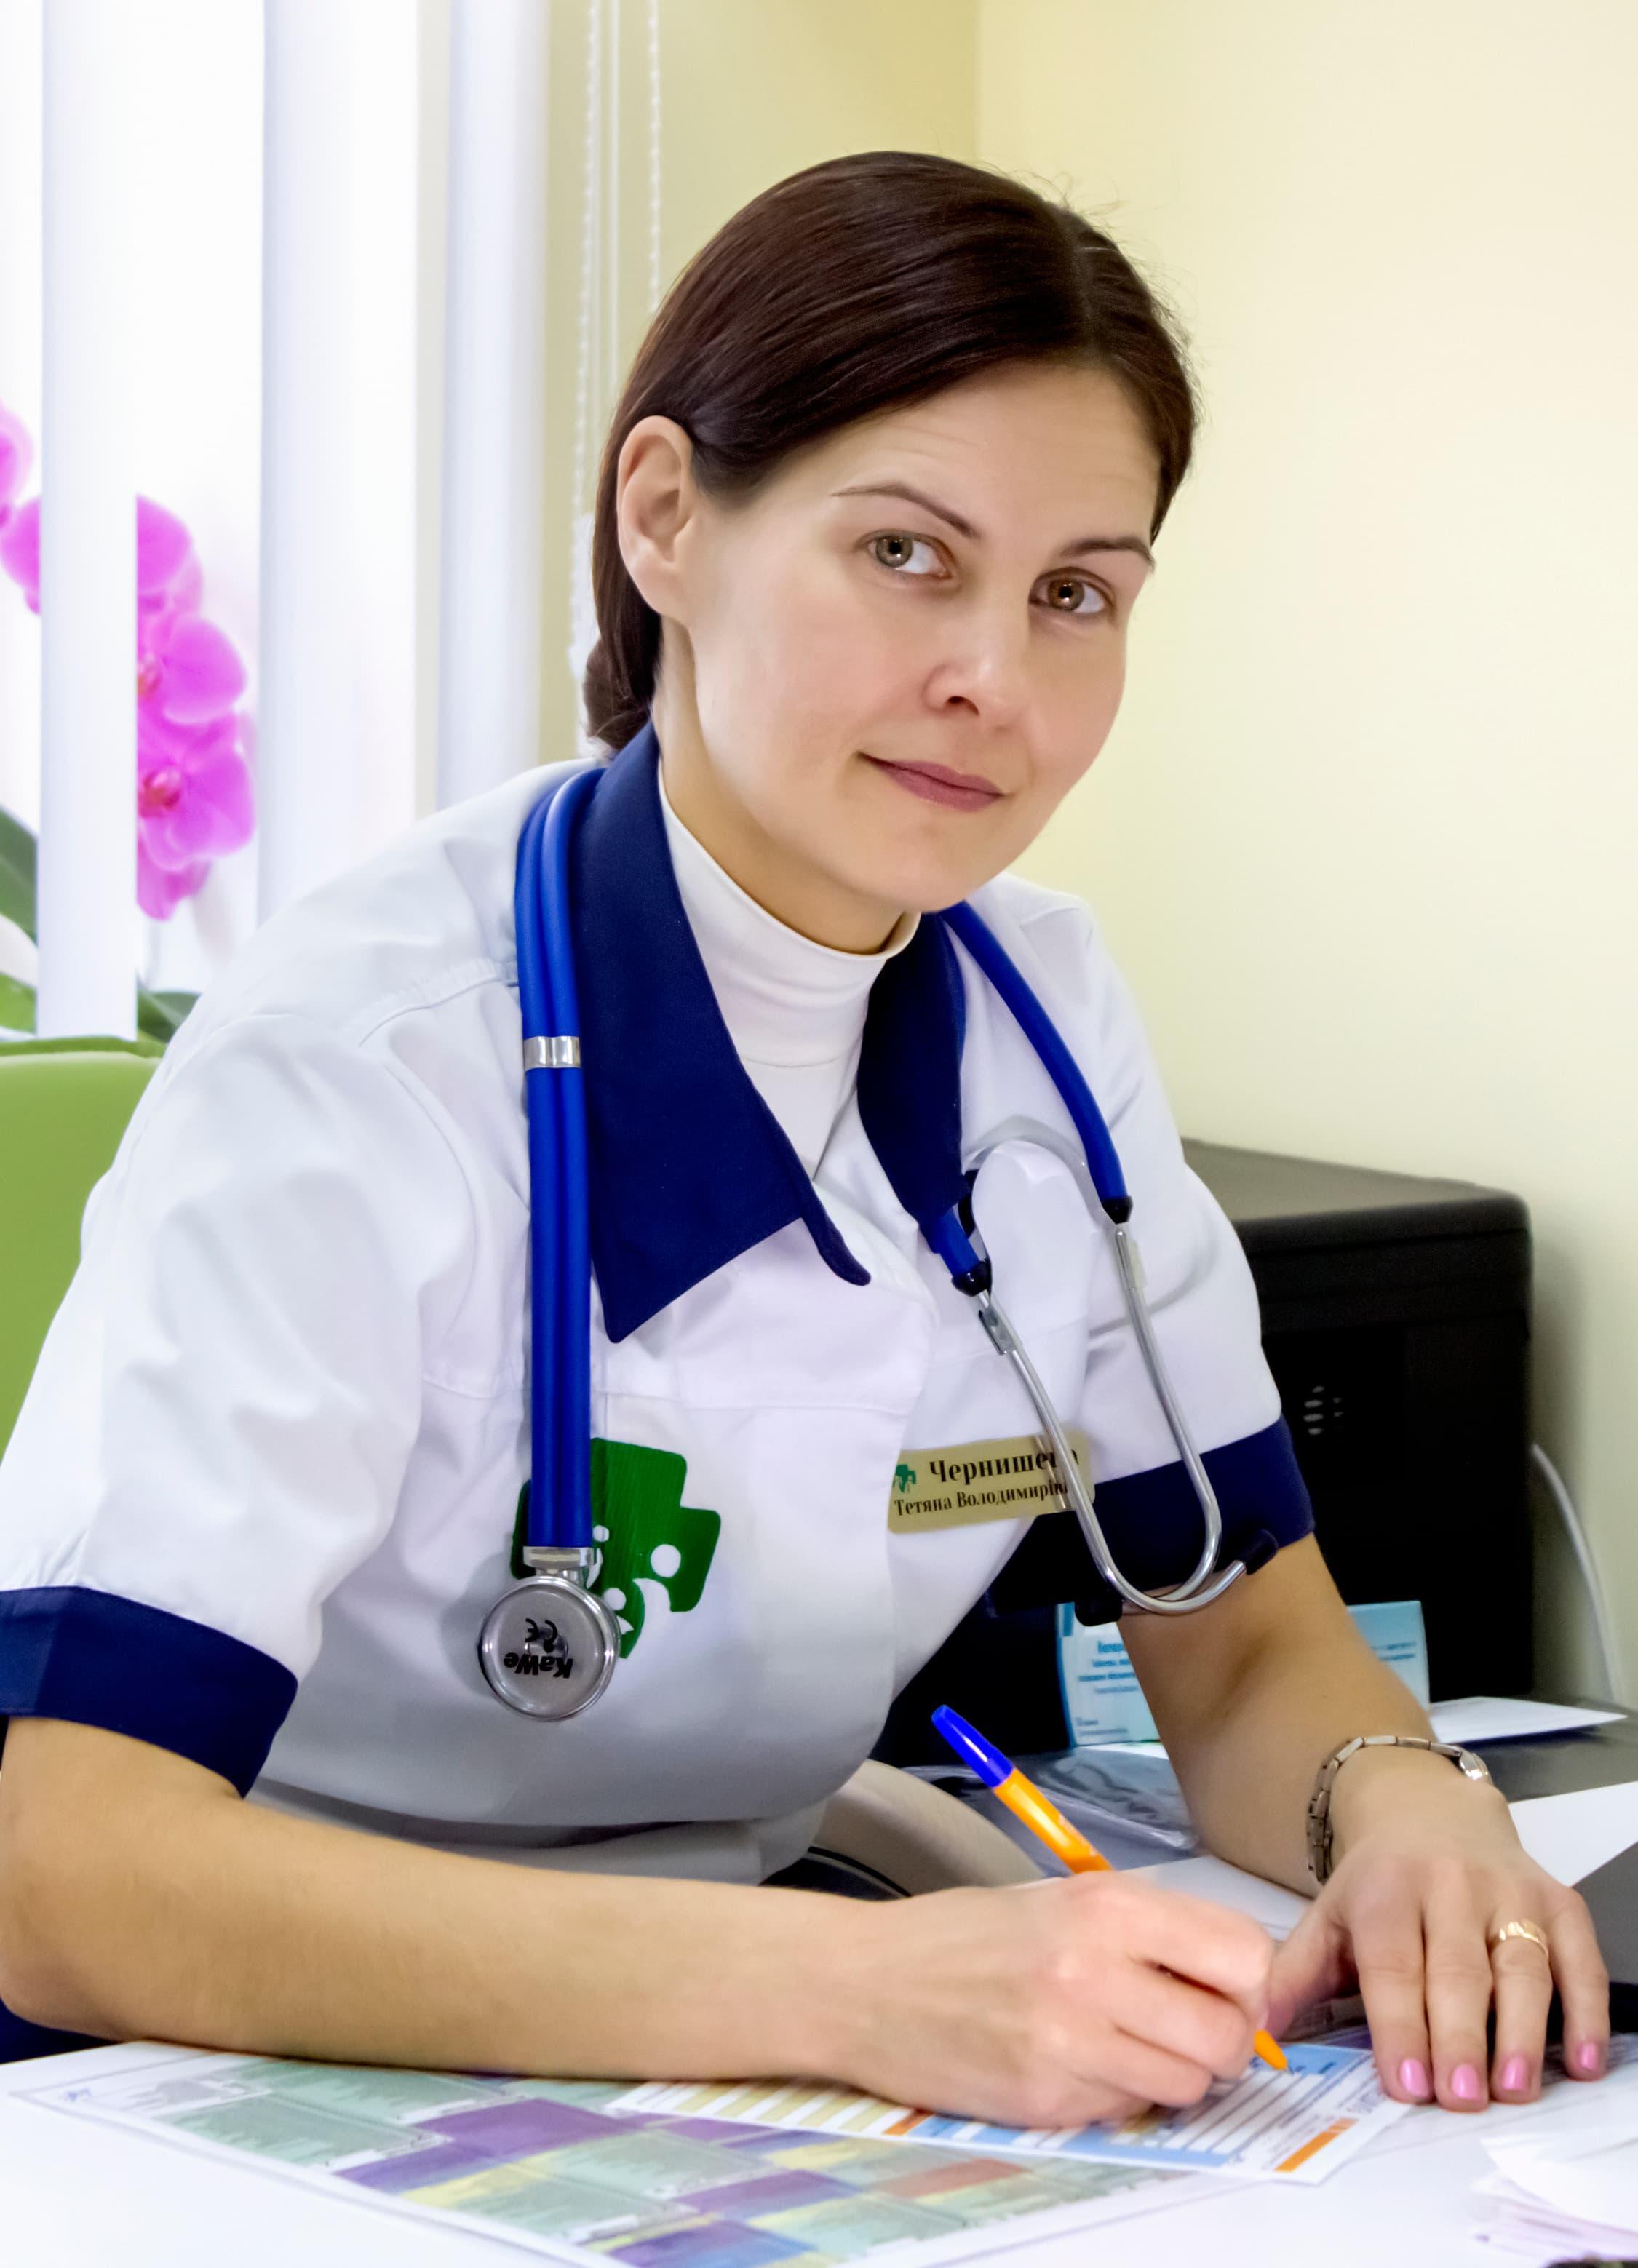 Чернишева Тетяна Володимирівна - сімейний лікар